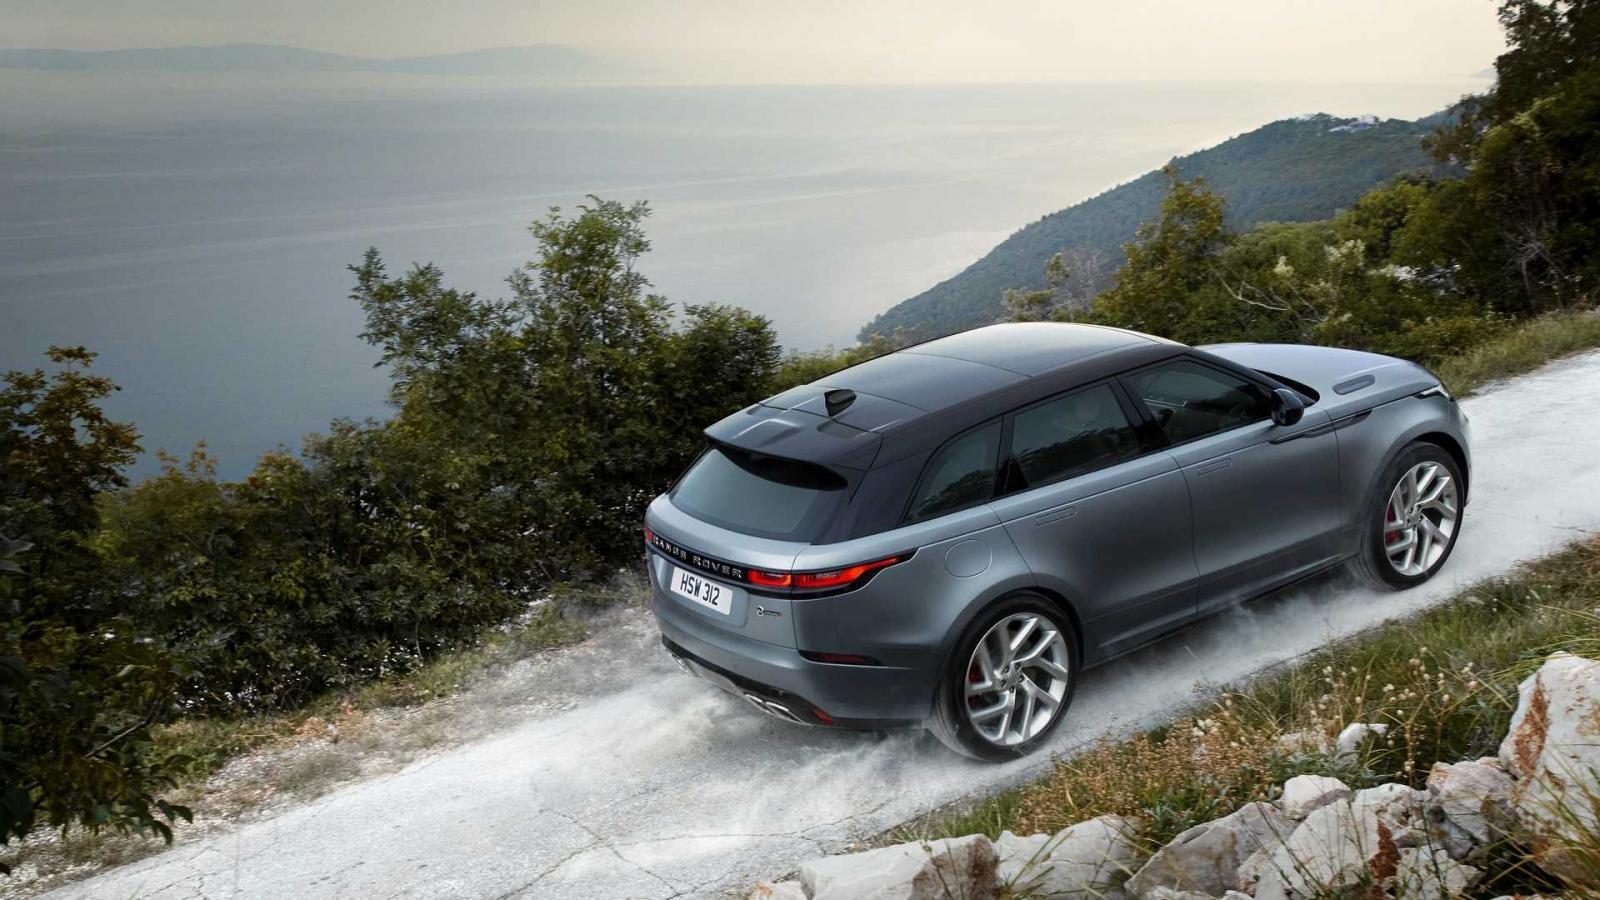 Range Rover Velar SVAutobiography Dynamic Edition được trang bị động cơ V8, siêu nạp, dung tích 5.0 lít